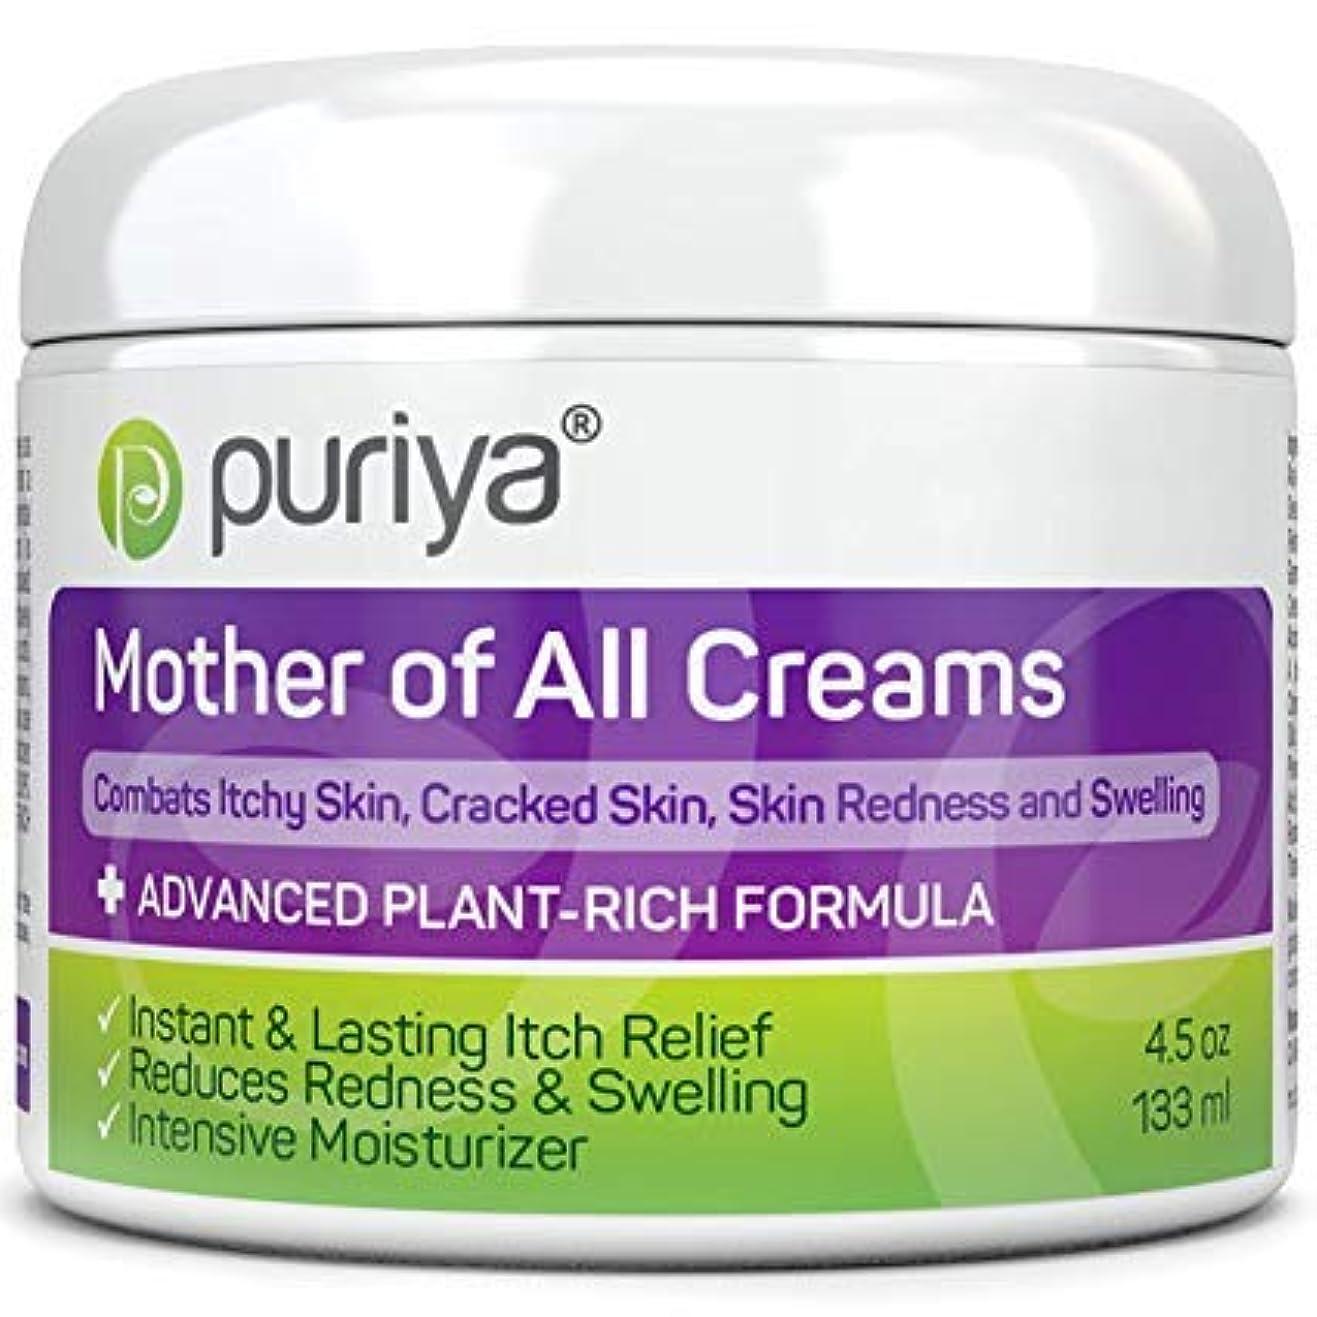 継承信頼性のある貢献Puriya マザーオブオールクリーム Mother of All Creams Cream For Eczema, Psoriasis, Dermatitis and Rashes. Powerful Plant Rich...